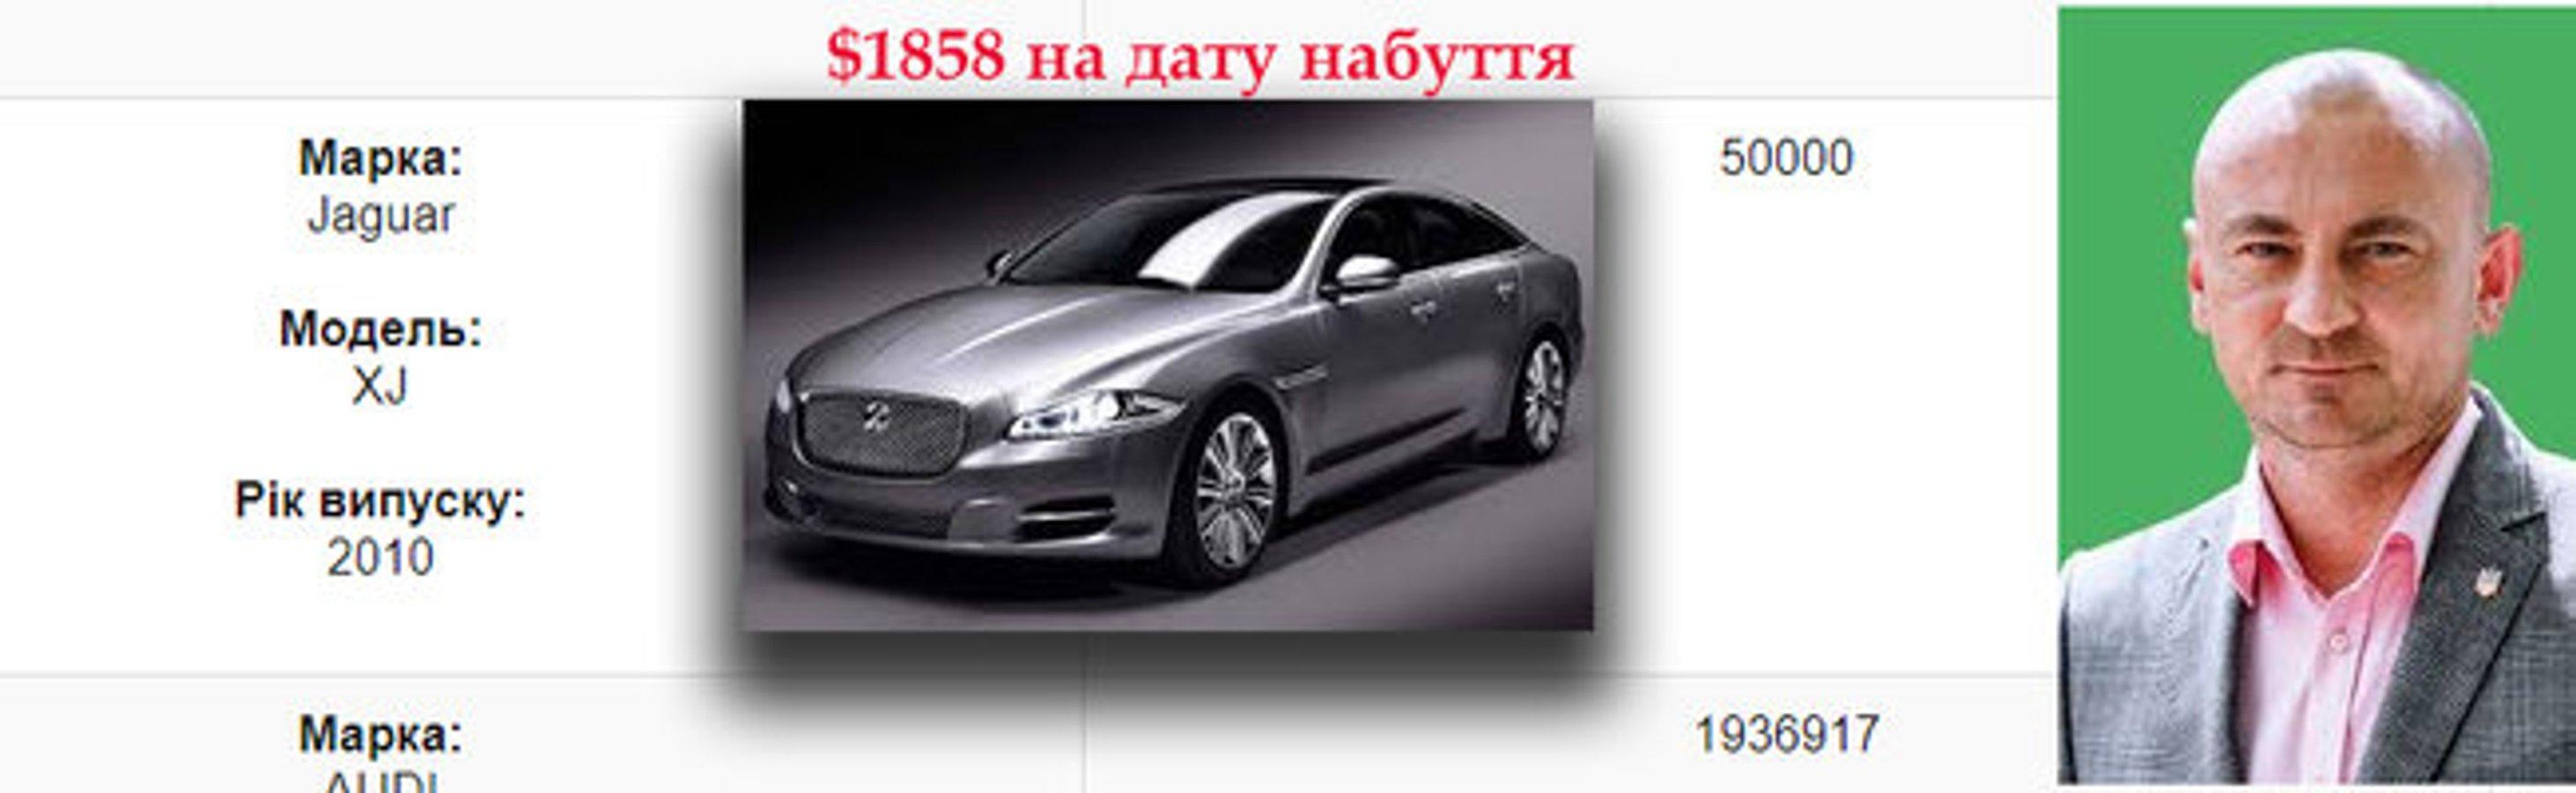 Українські депутати знайшли спосіб купувати дорогі авто задешево